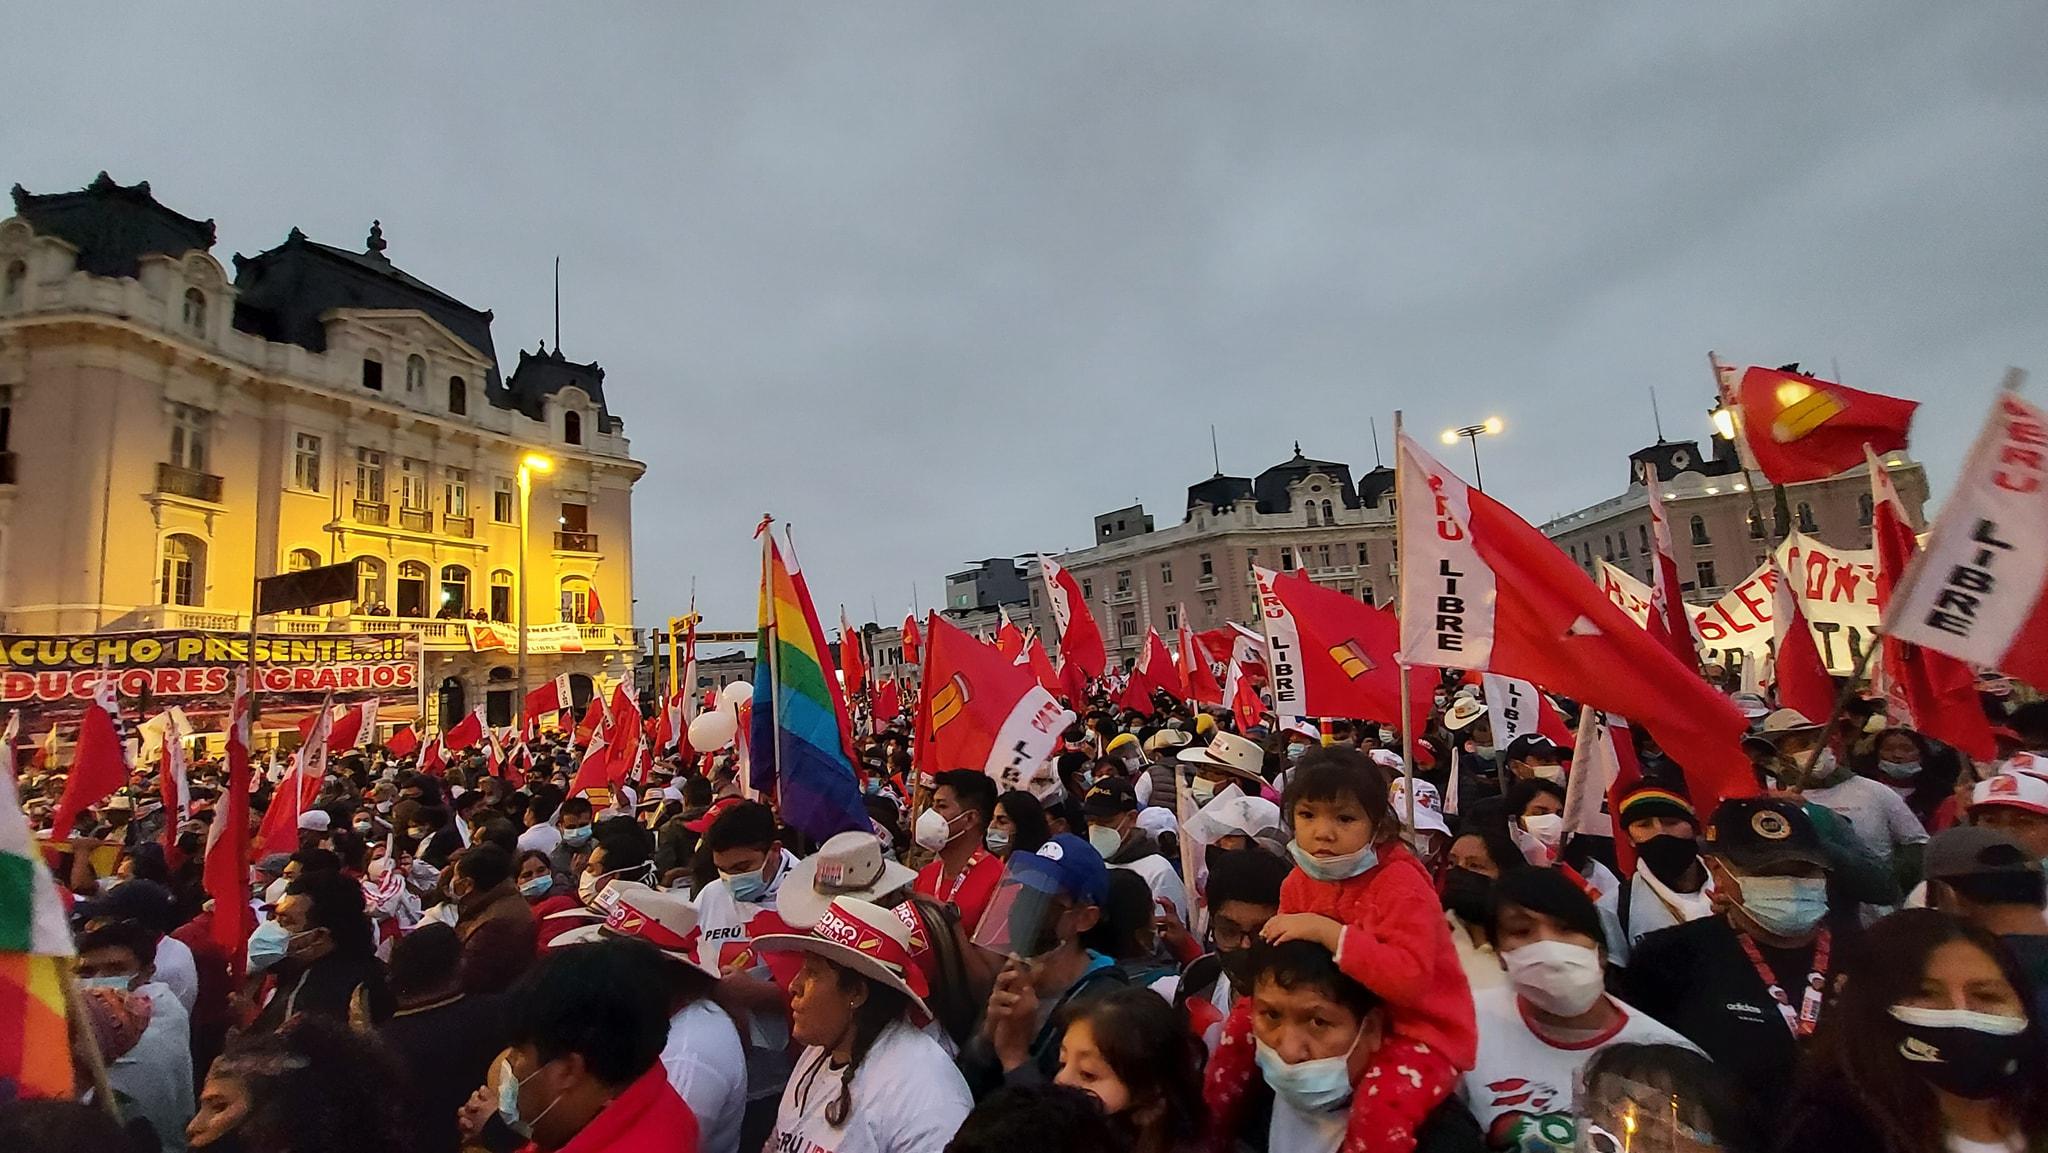 Wahlkampfabschluss von Pedro Castillo. Foto: Pedro Castillo Presidente 2021 via Facebook